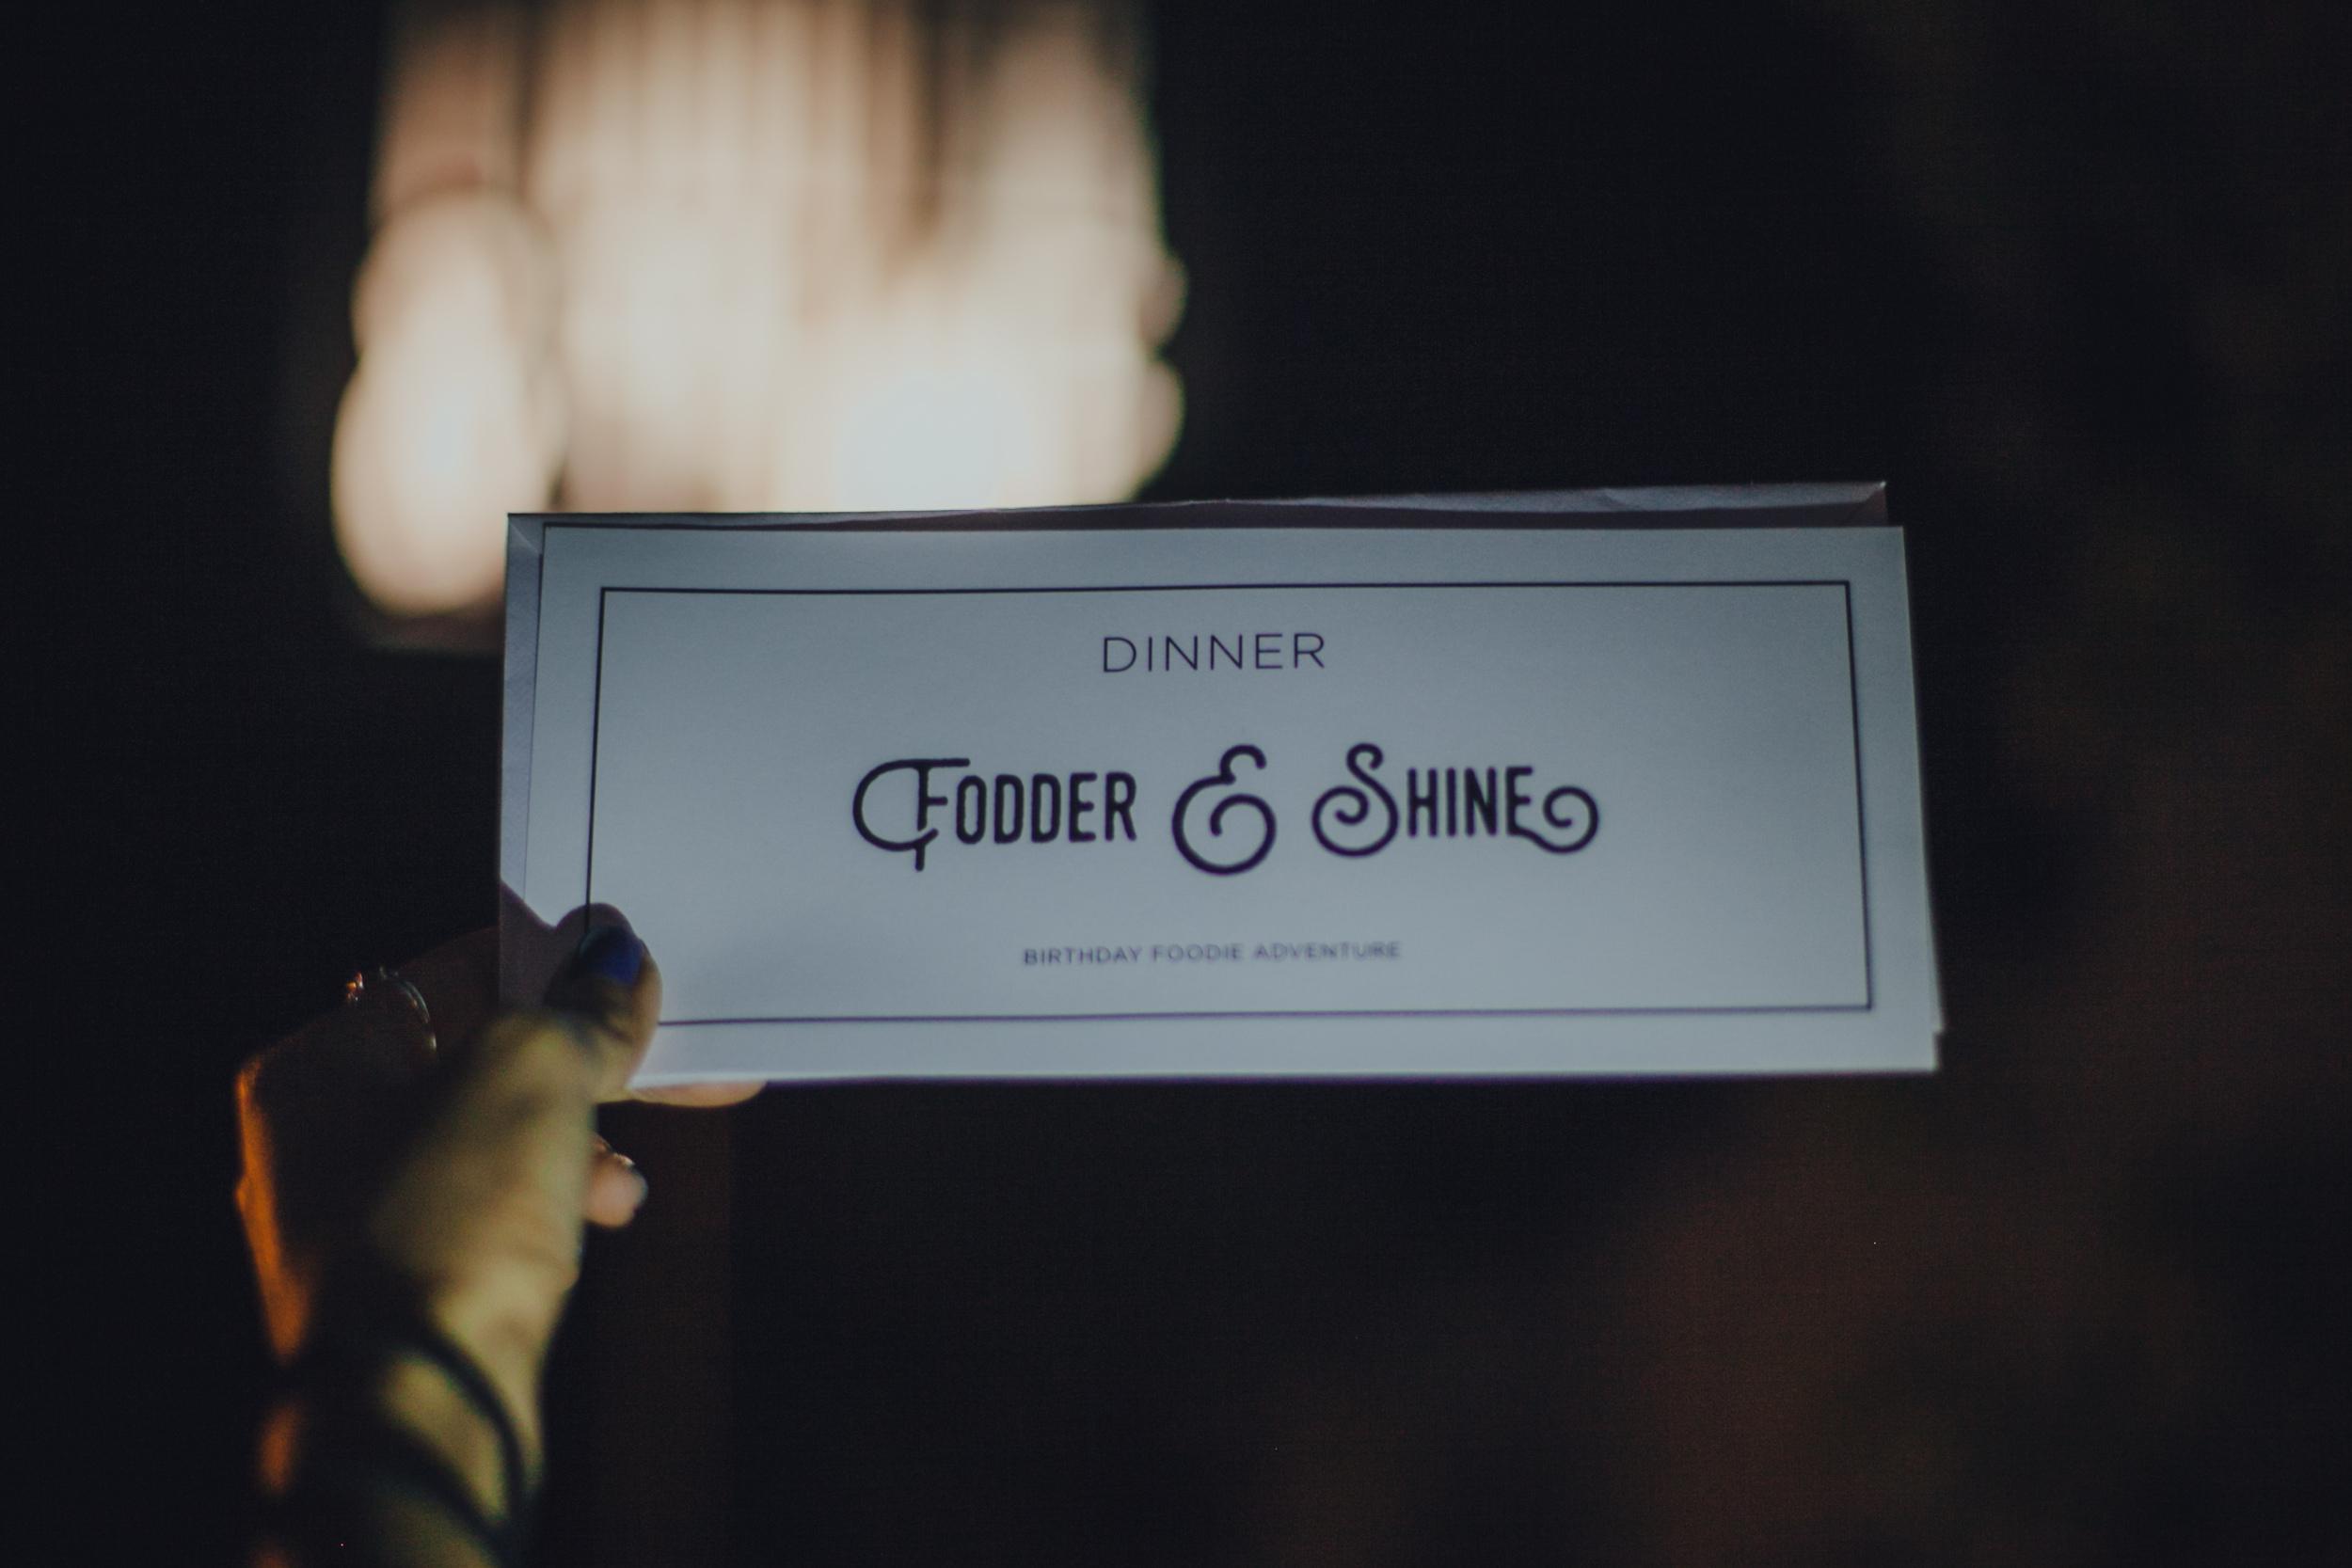 This Jenn Girl - Fodder & Shine 1